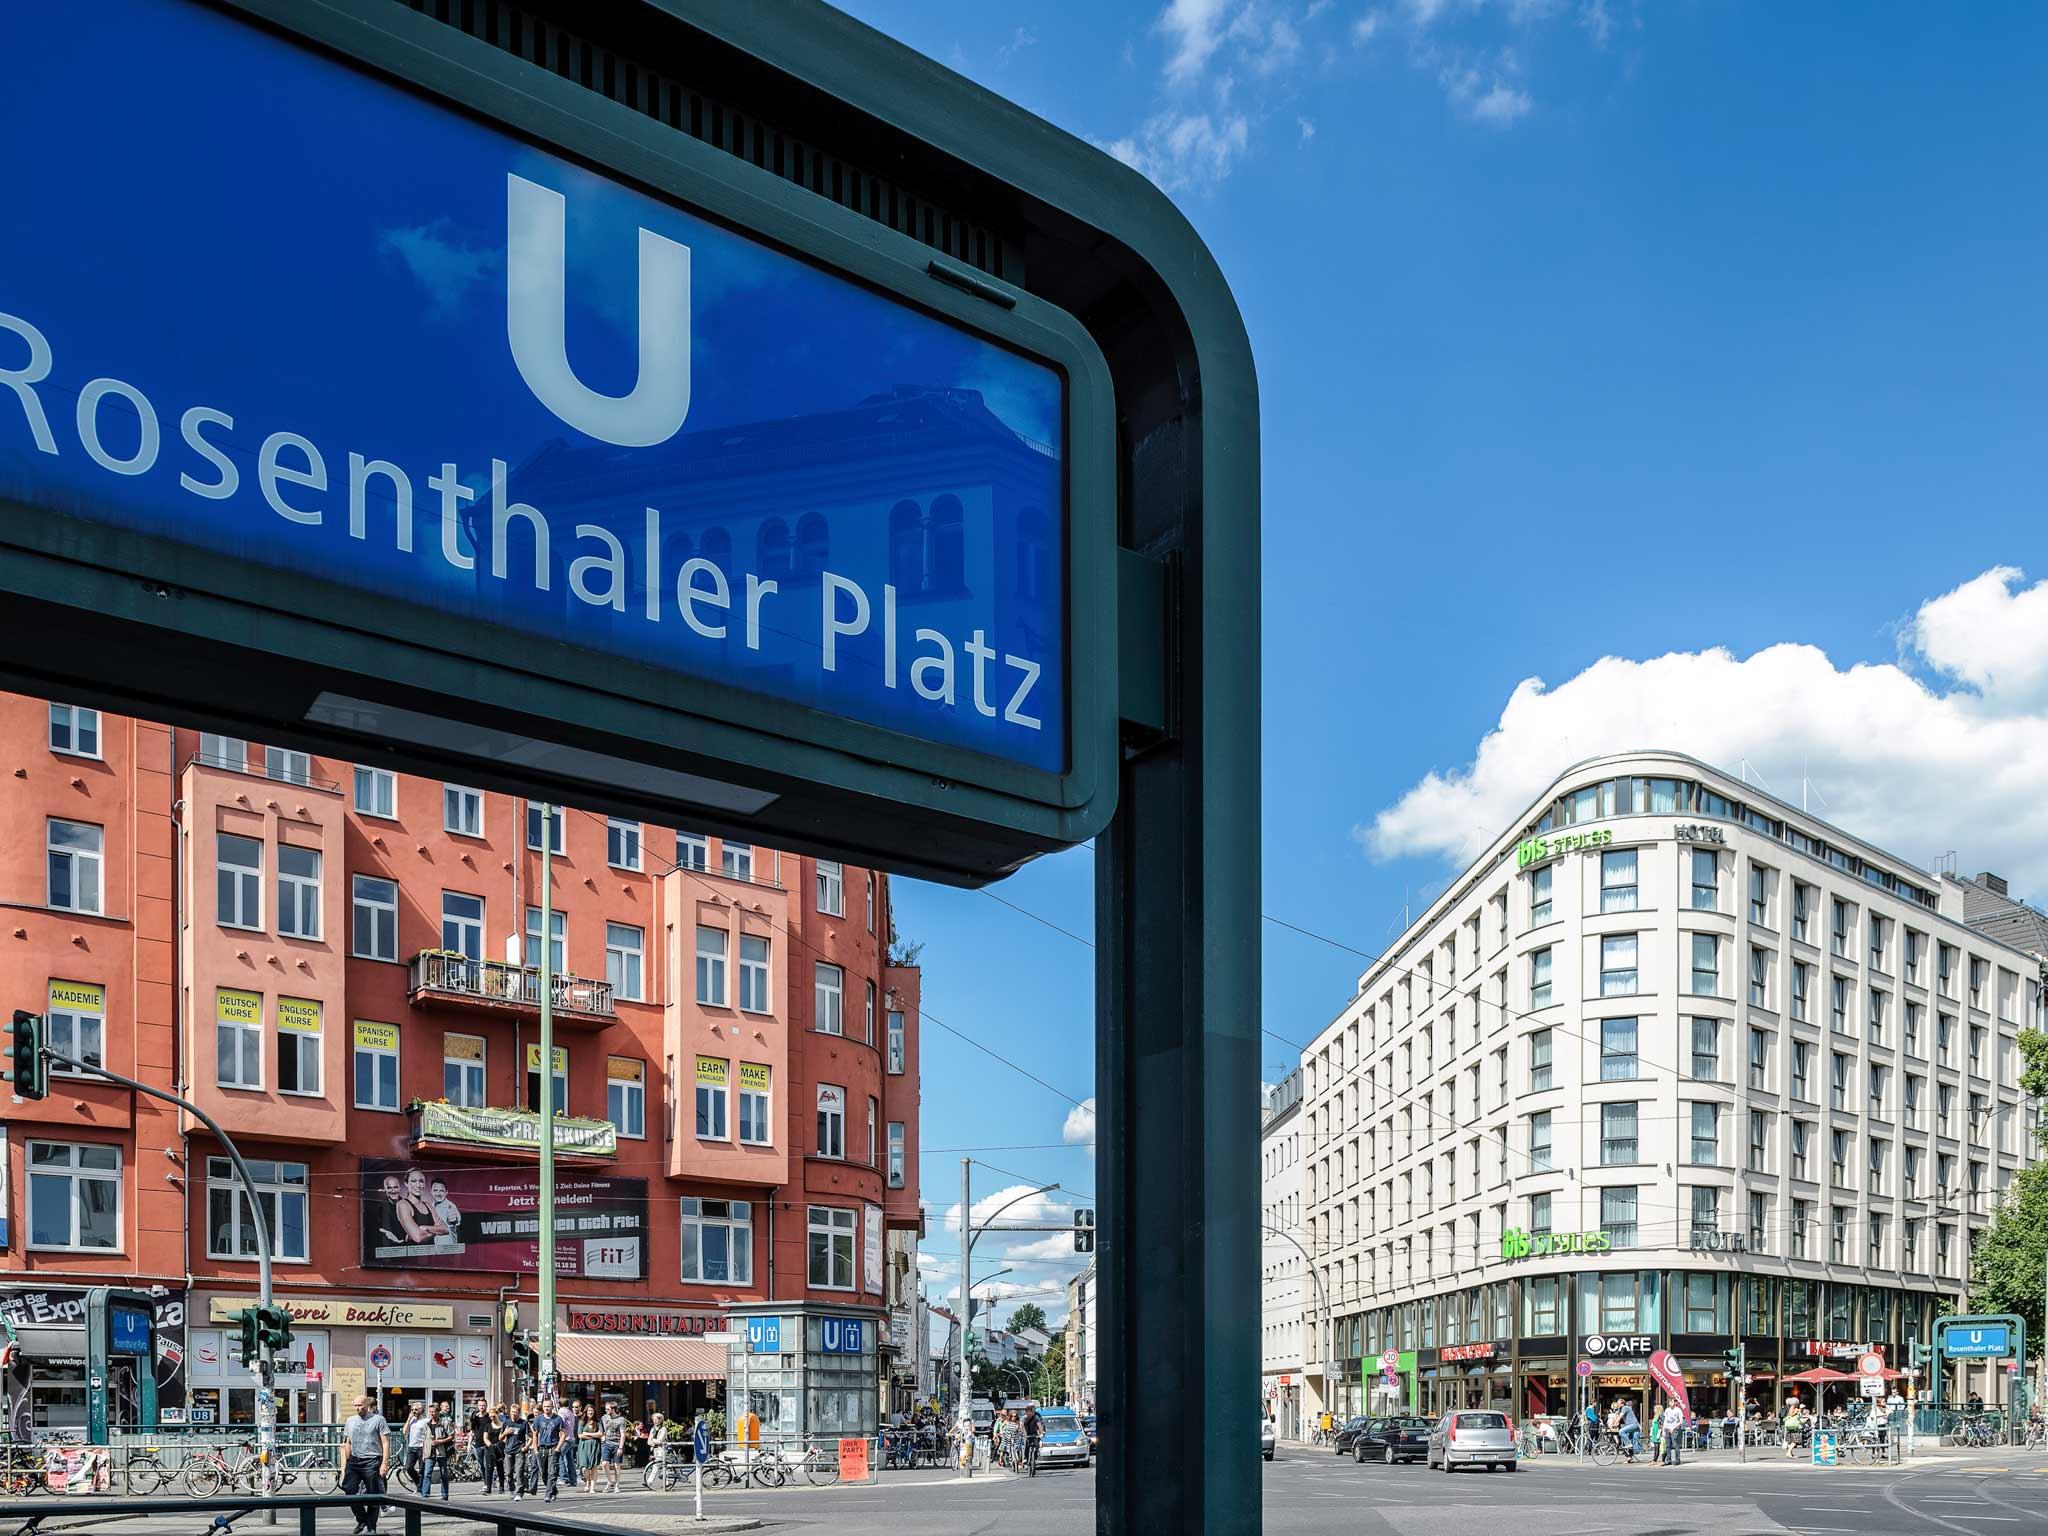 ibis Styles Hotel Berlin Mitte Widok z zewnątrz